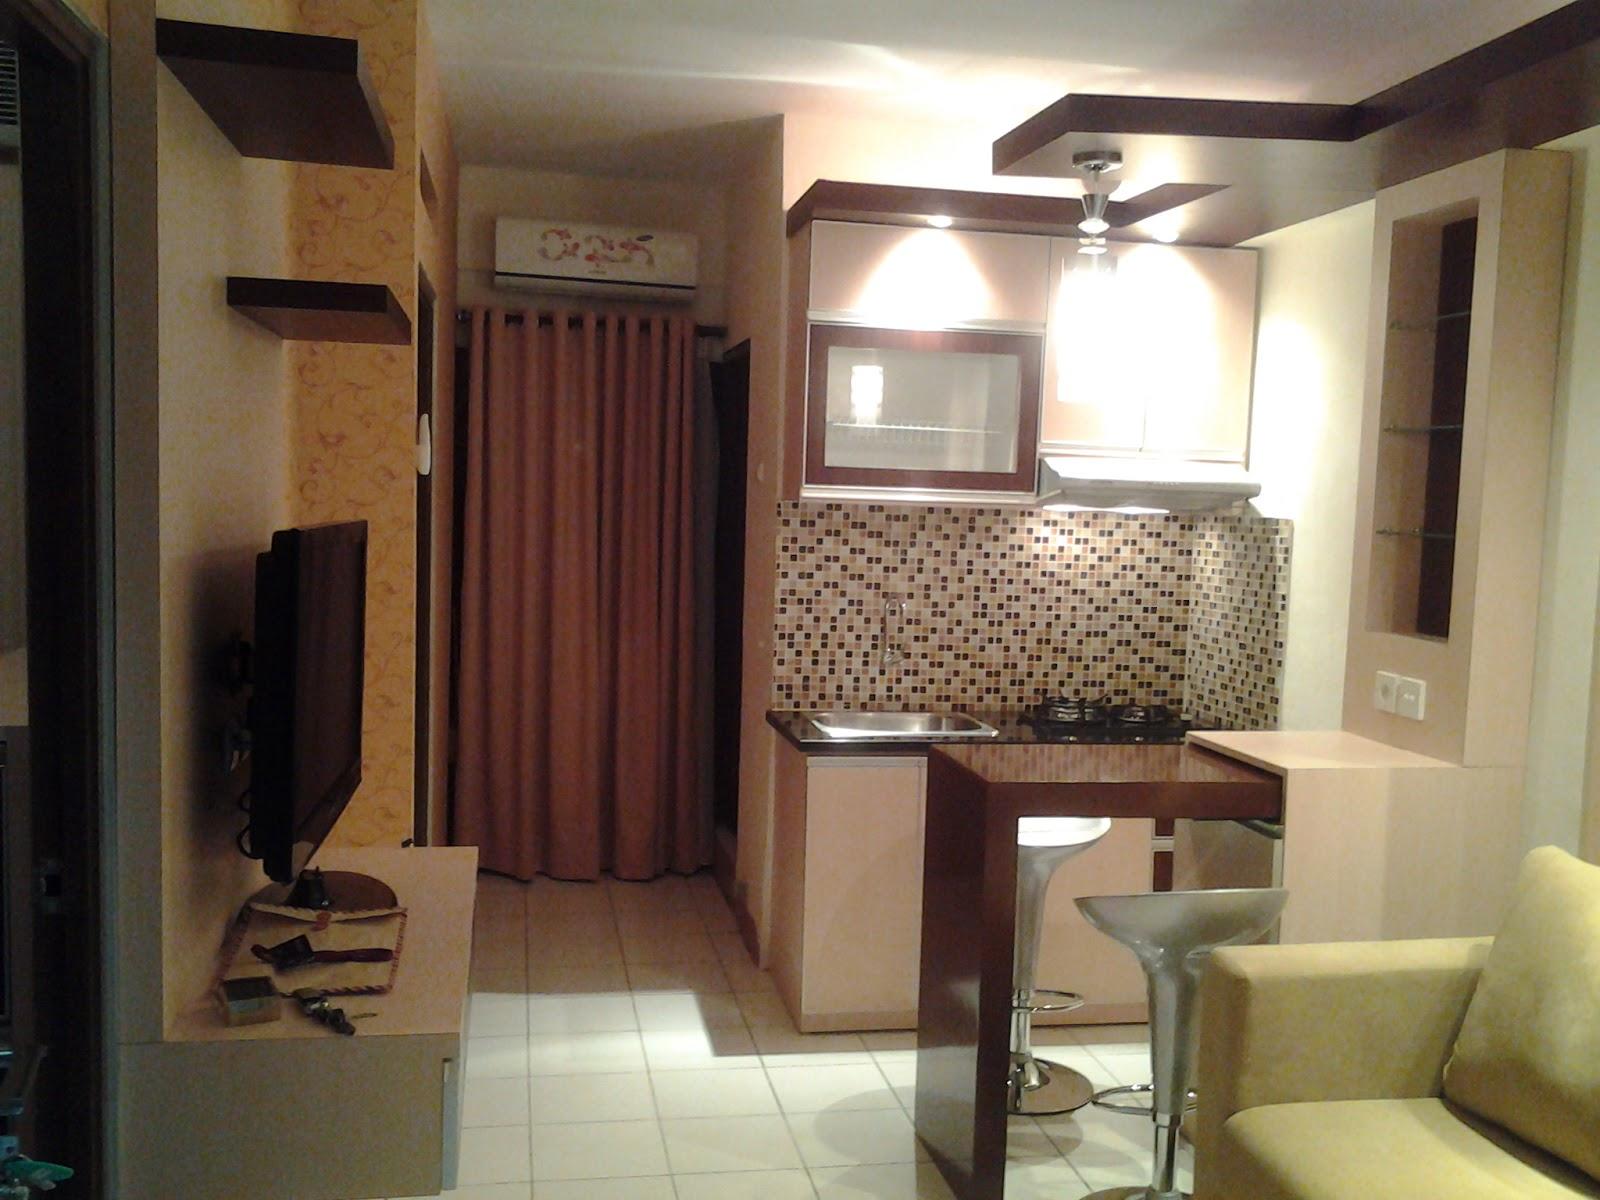 cv tridaya interior : design interior apartemen 2 bedroom